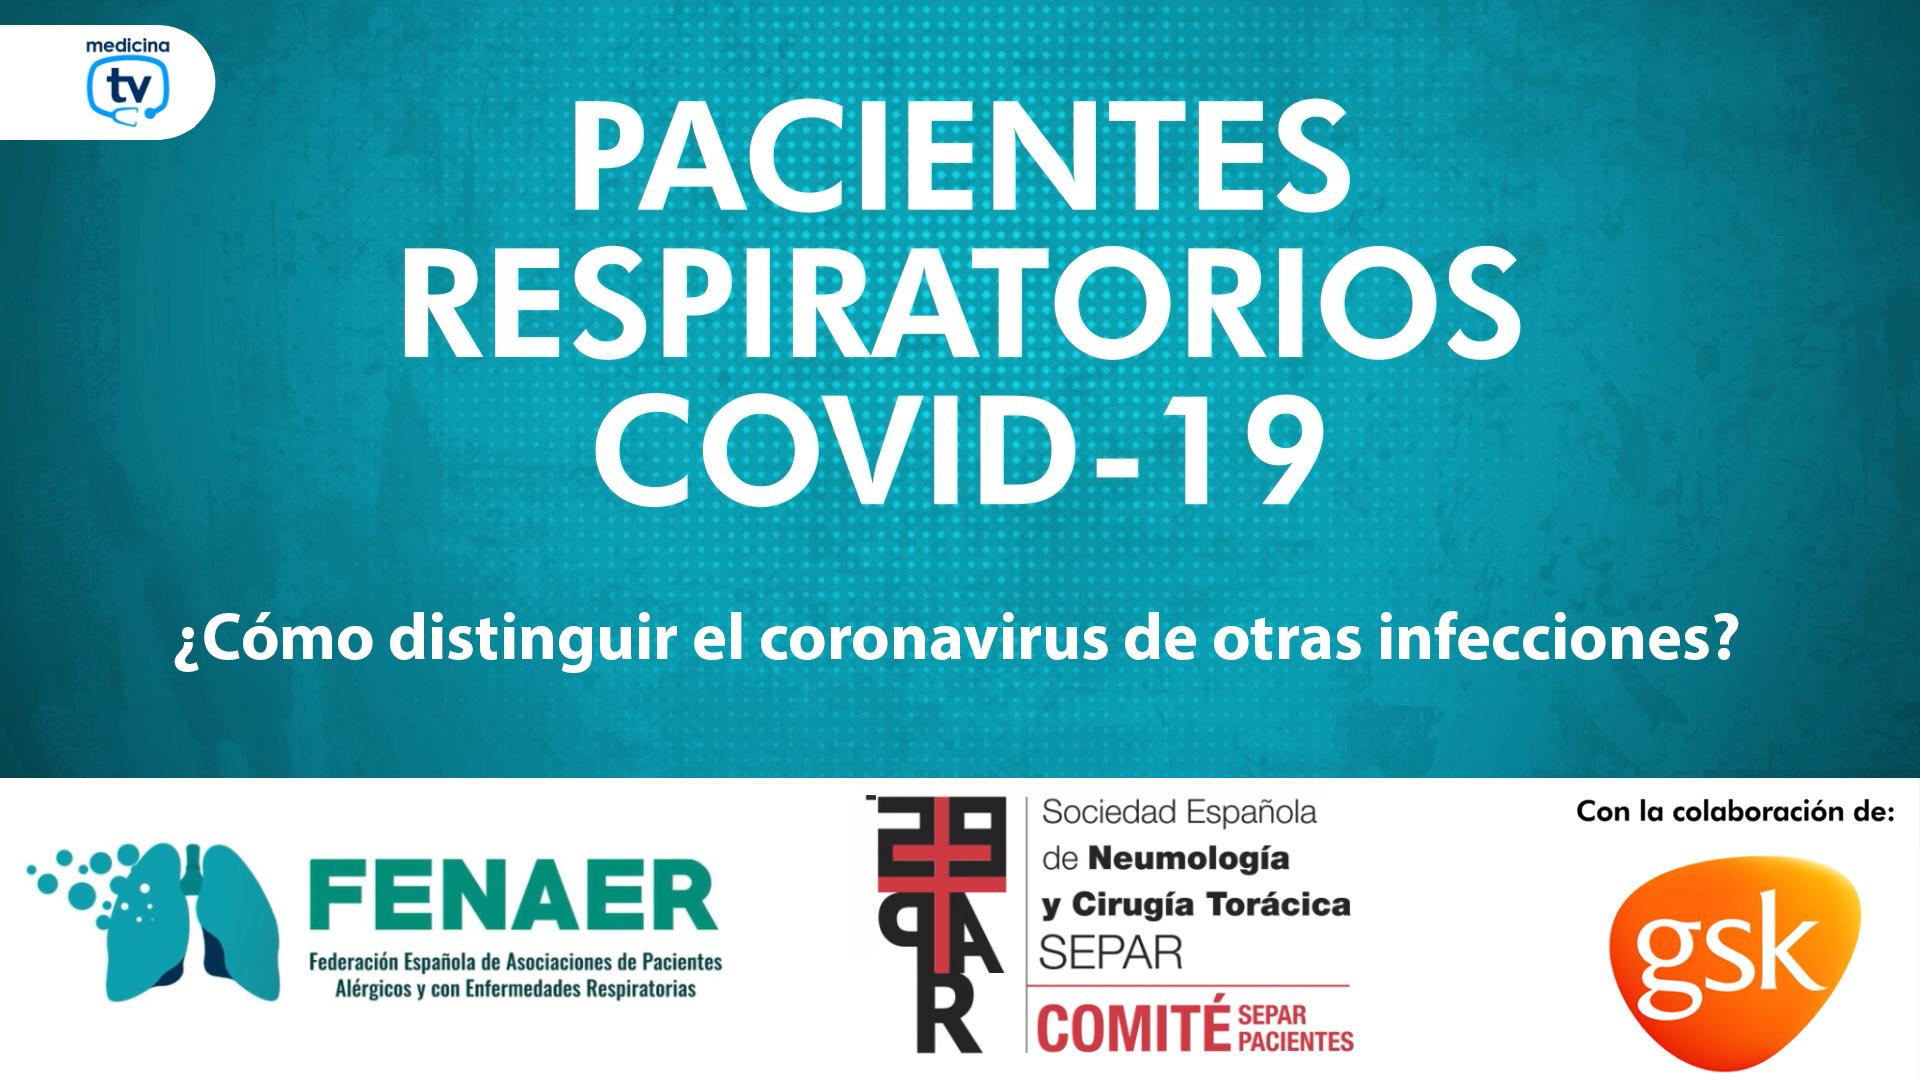 El tratamiento de base del asma no enmascara los síntomas de la COVID-19 y debe cumplirse adecuadamente